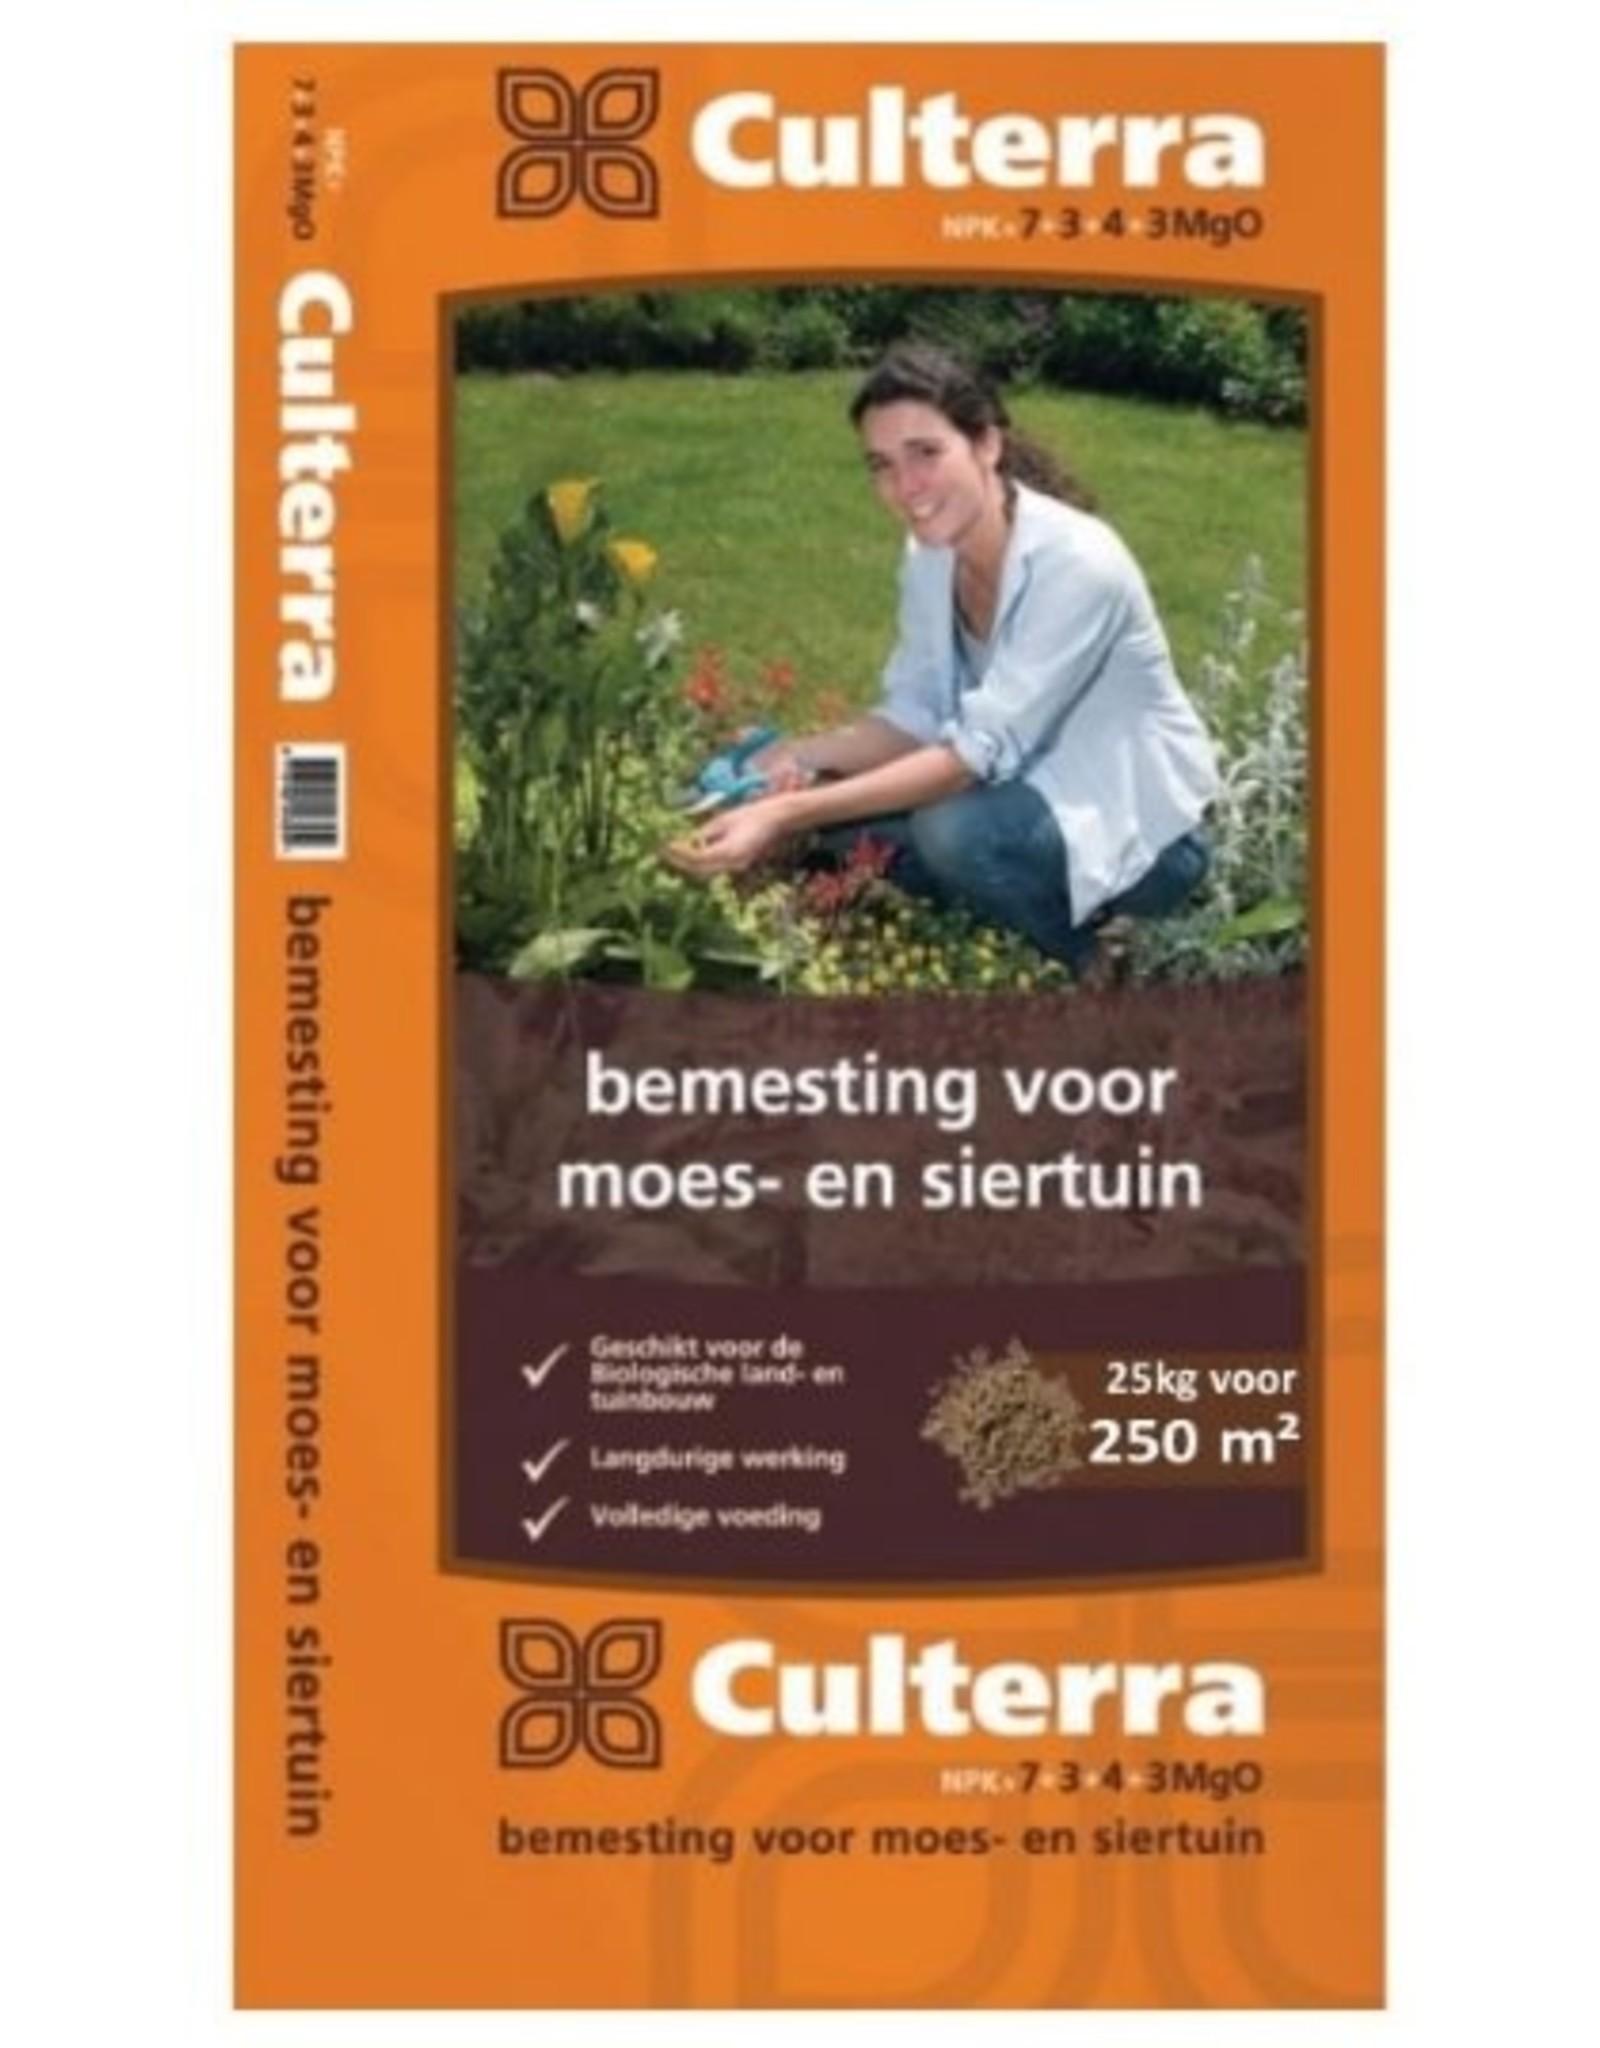 Culterra Oranje 7+3+4 (biologisch) 25 kg (voor ca. 250 m²)